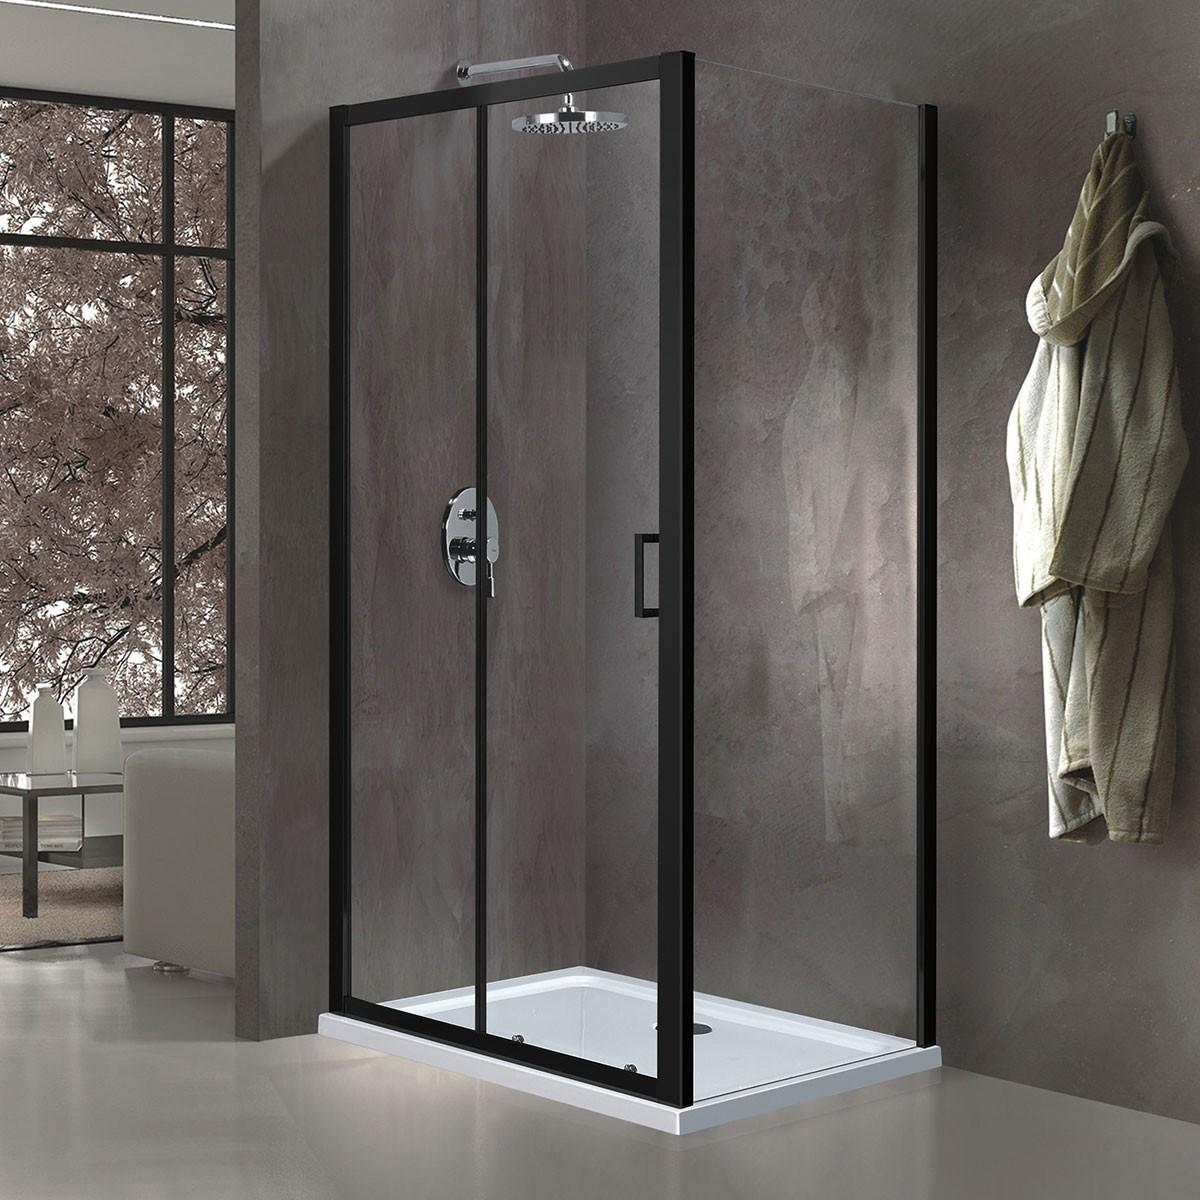 60 In. Sliding Shower Enclosure In Matte Black (EAB003004)